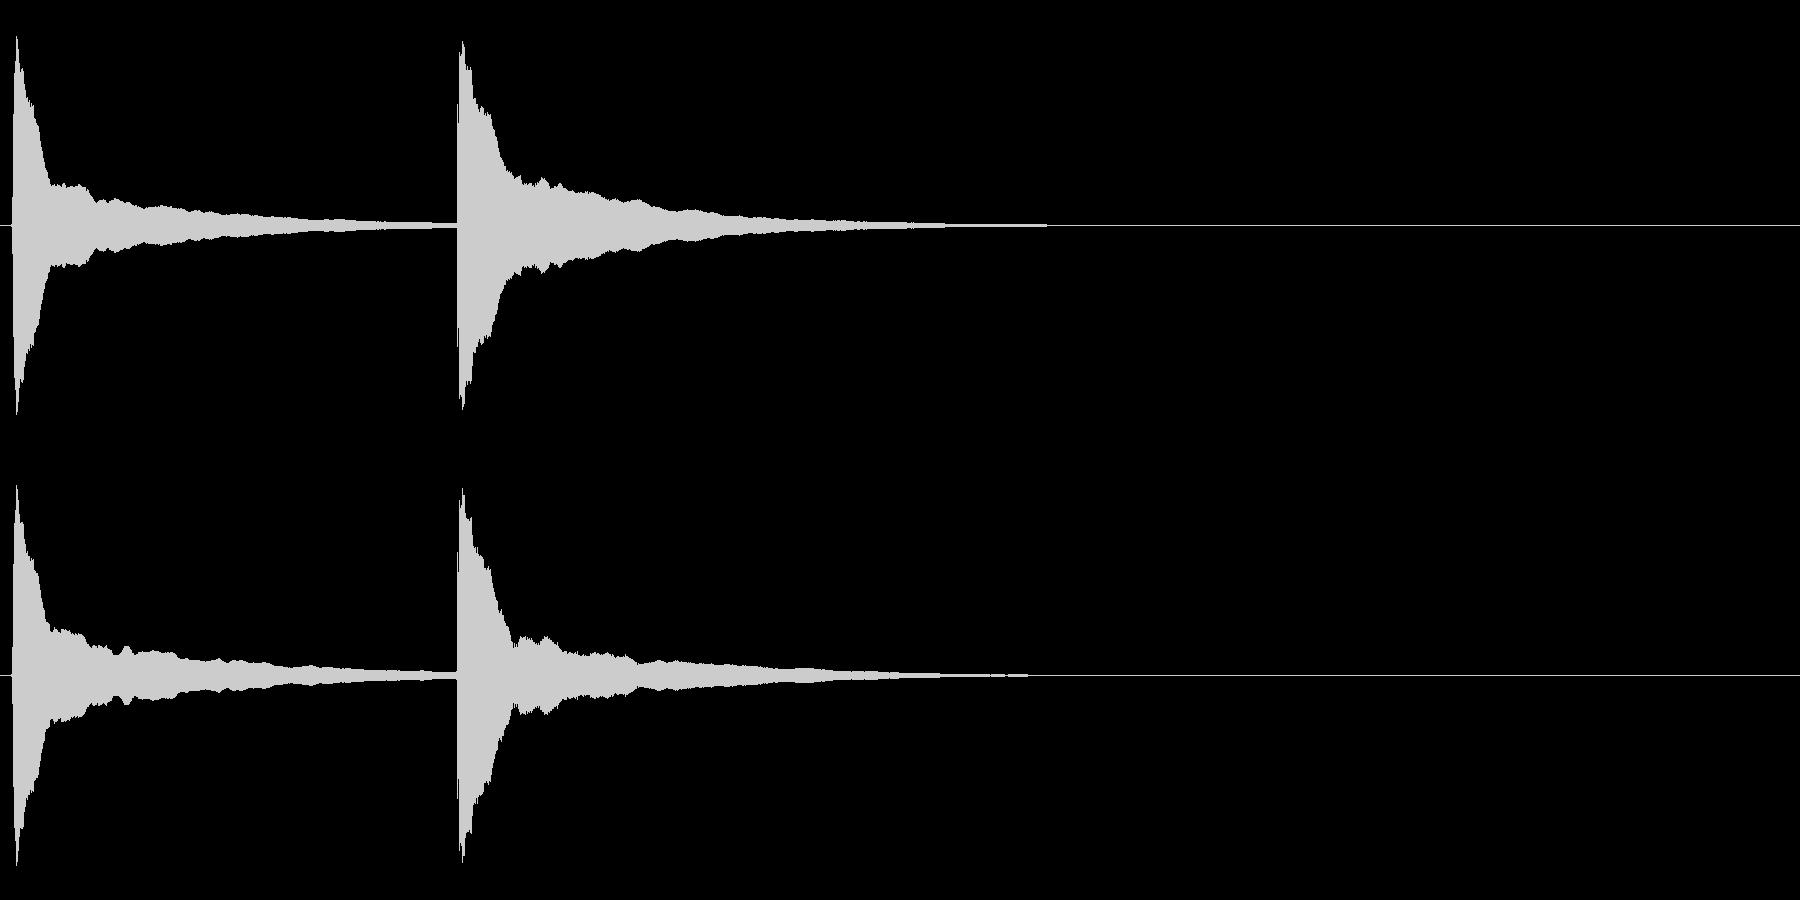 ピンポン (4) の未再生の波形